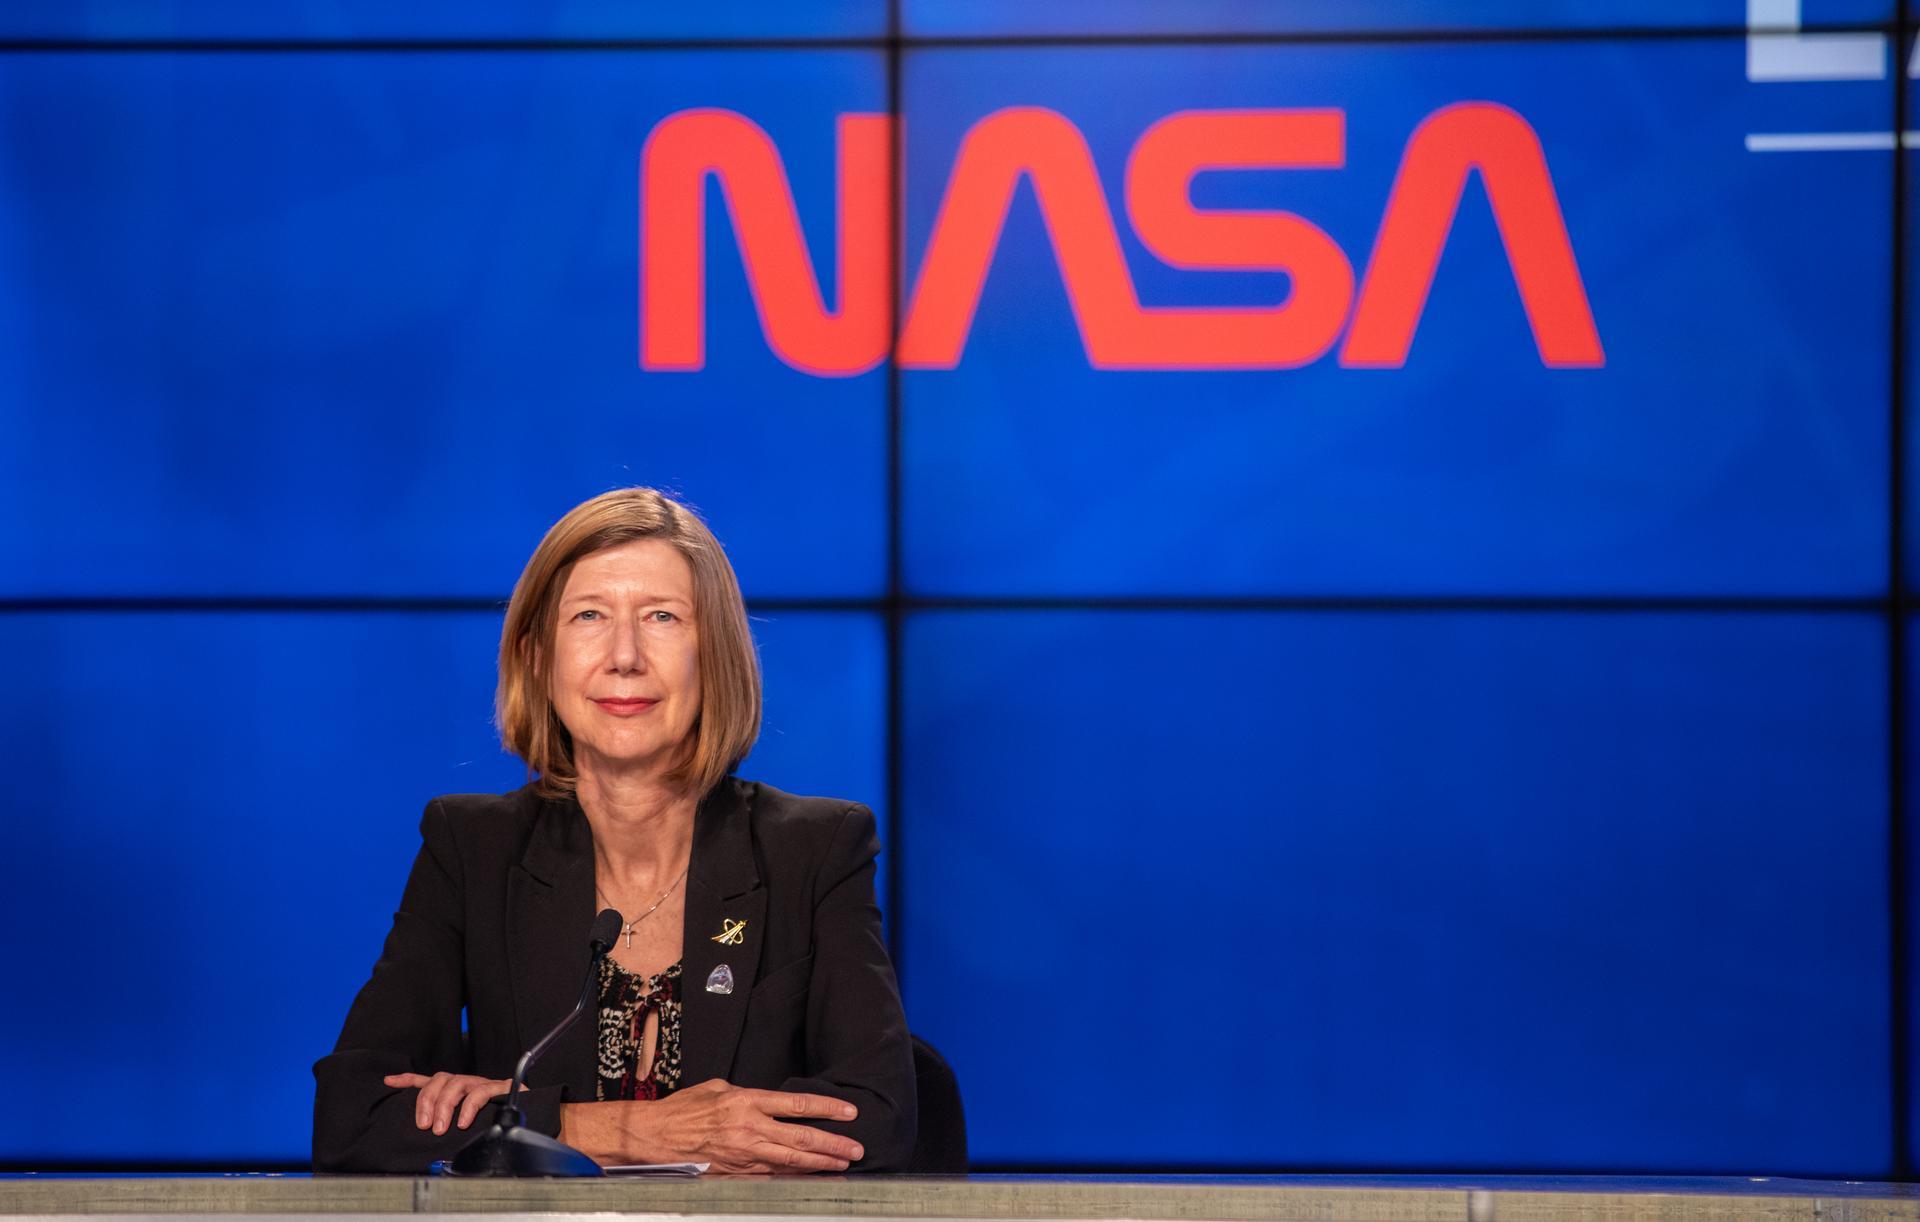 کتی لودرز از مدیران ارشد ناسا